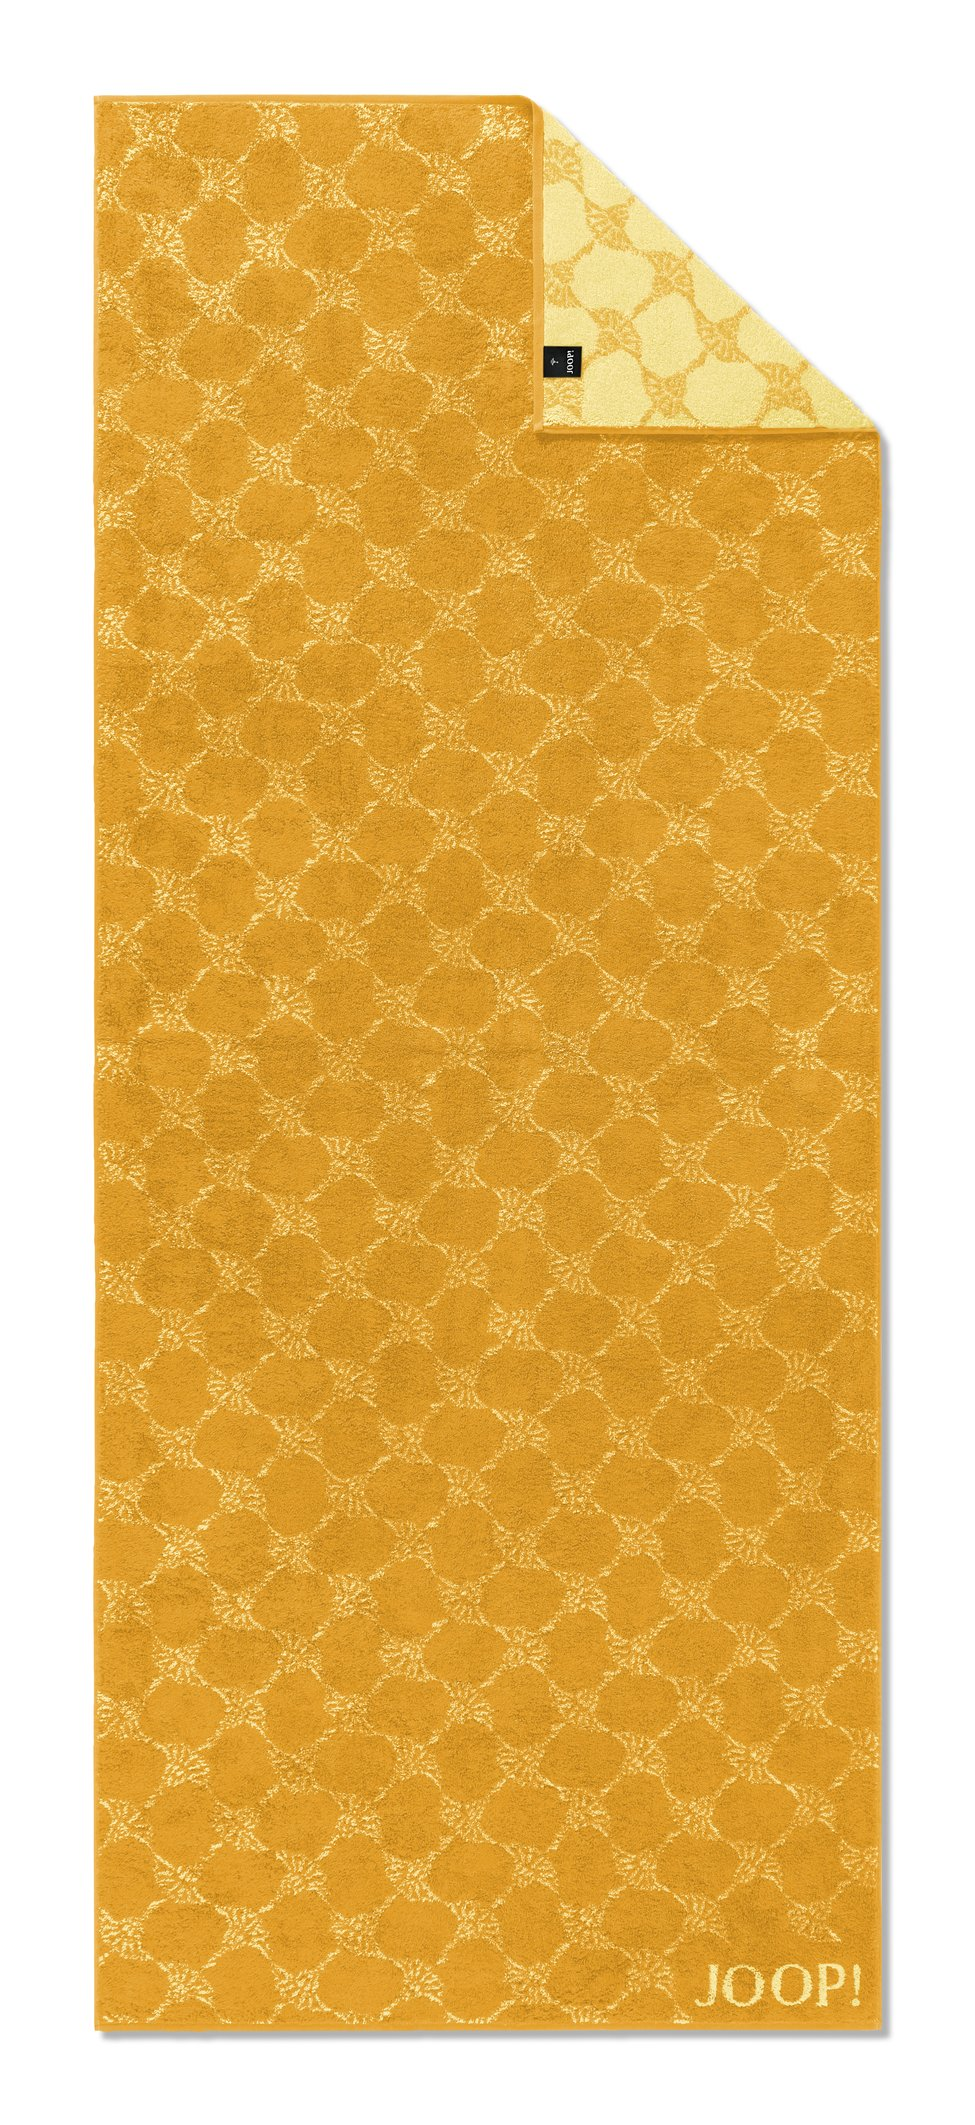 JOOP! Cornflower 1611-50 Honig Saunatuch 80x200 cm